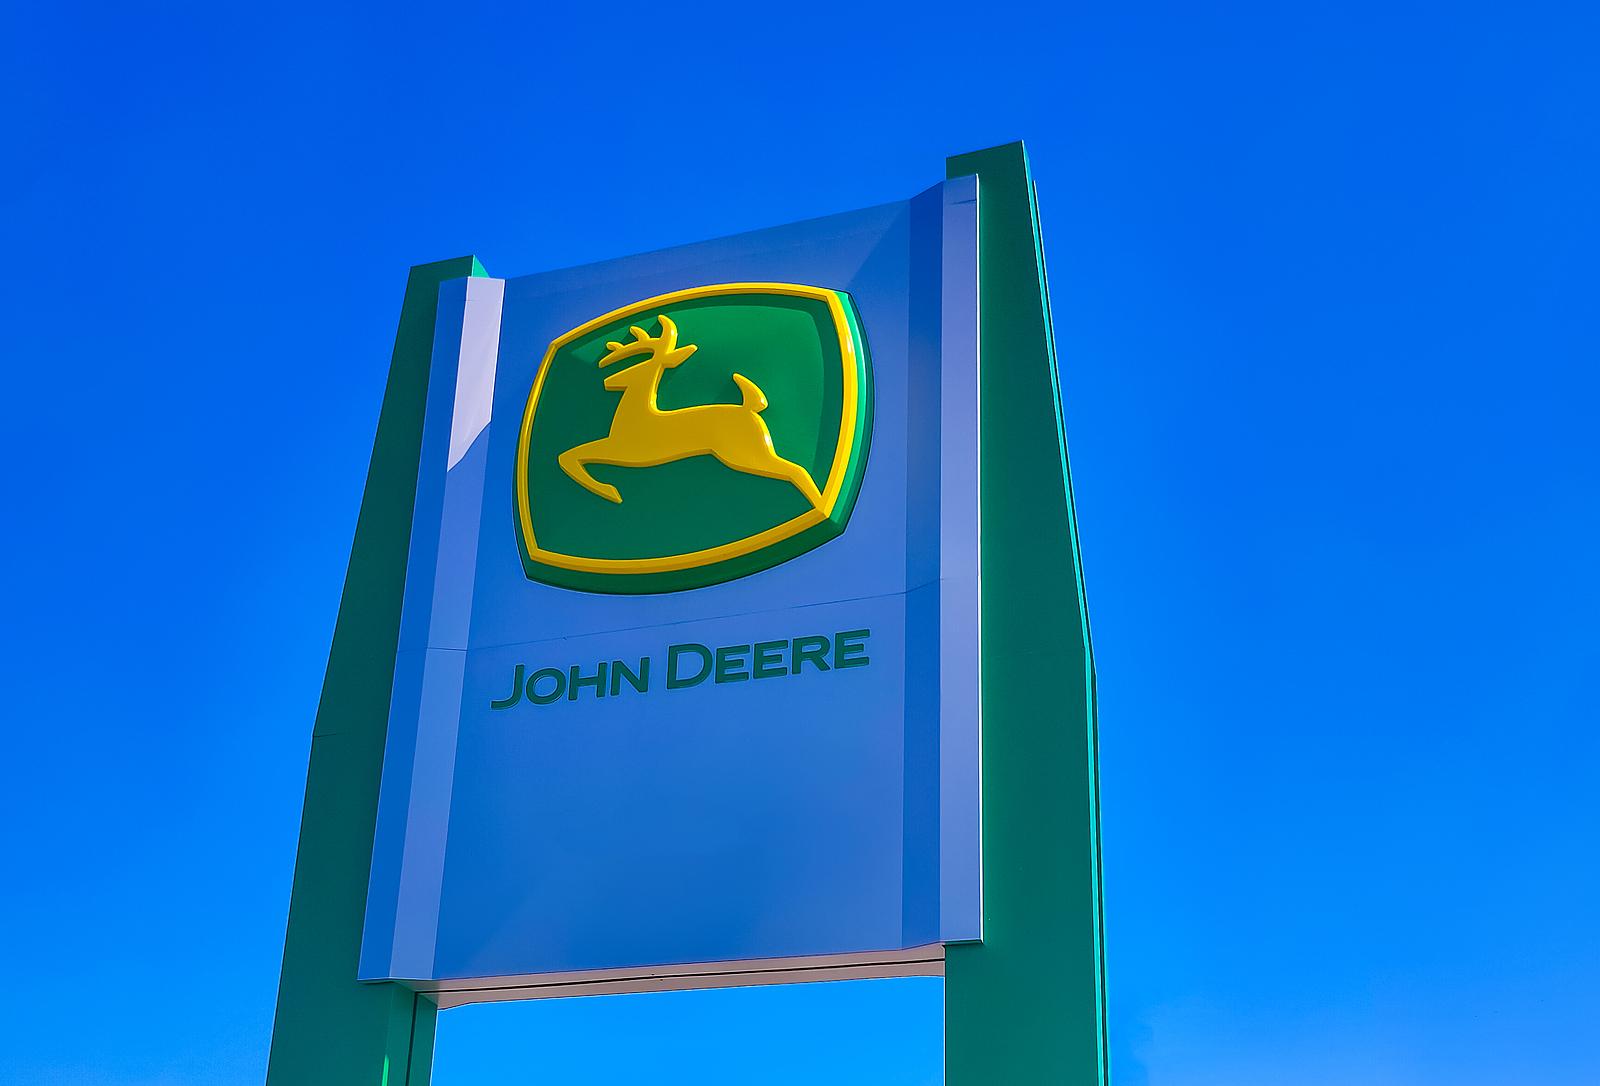 John Deere stock, DE stock, DE stock news, Deere stock